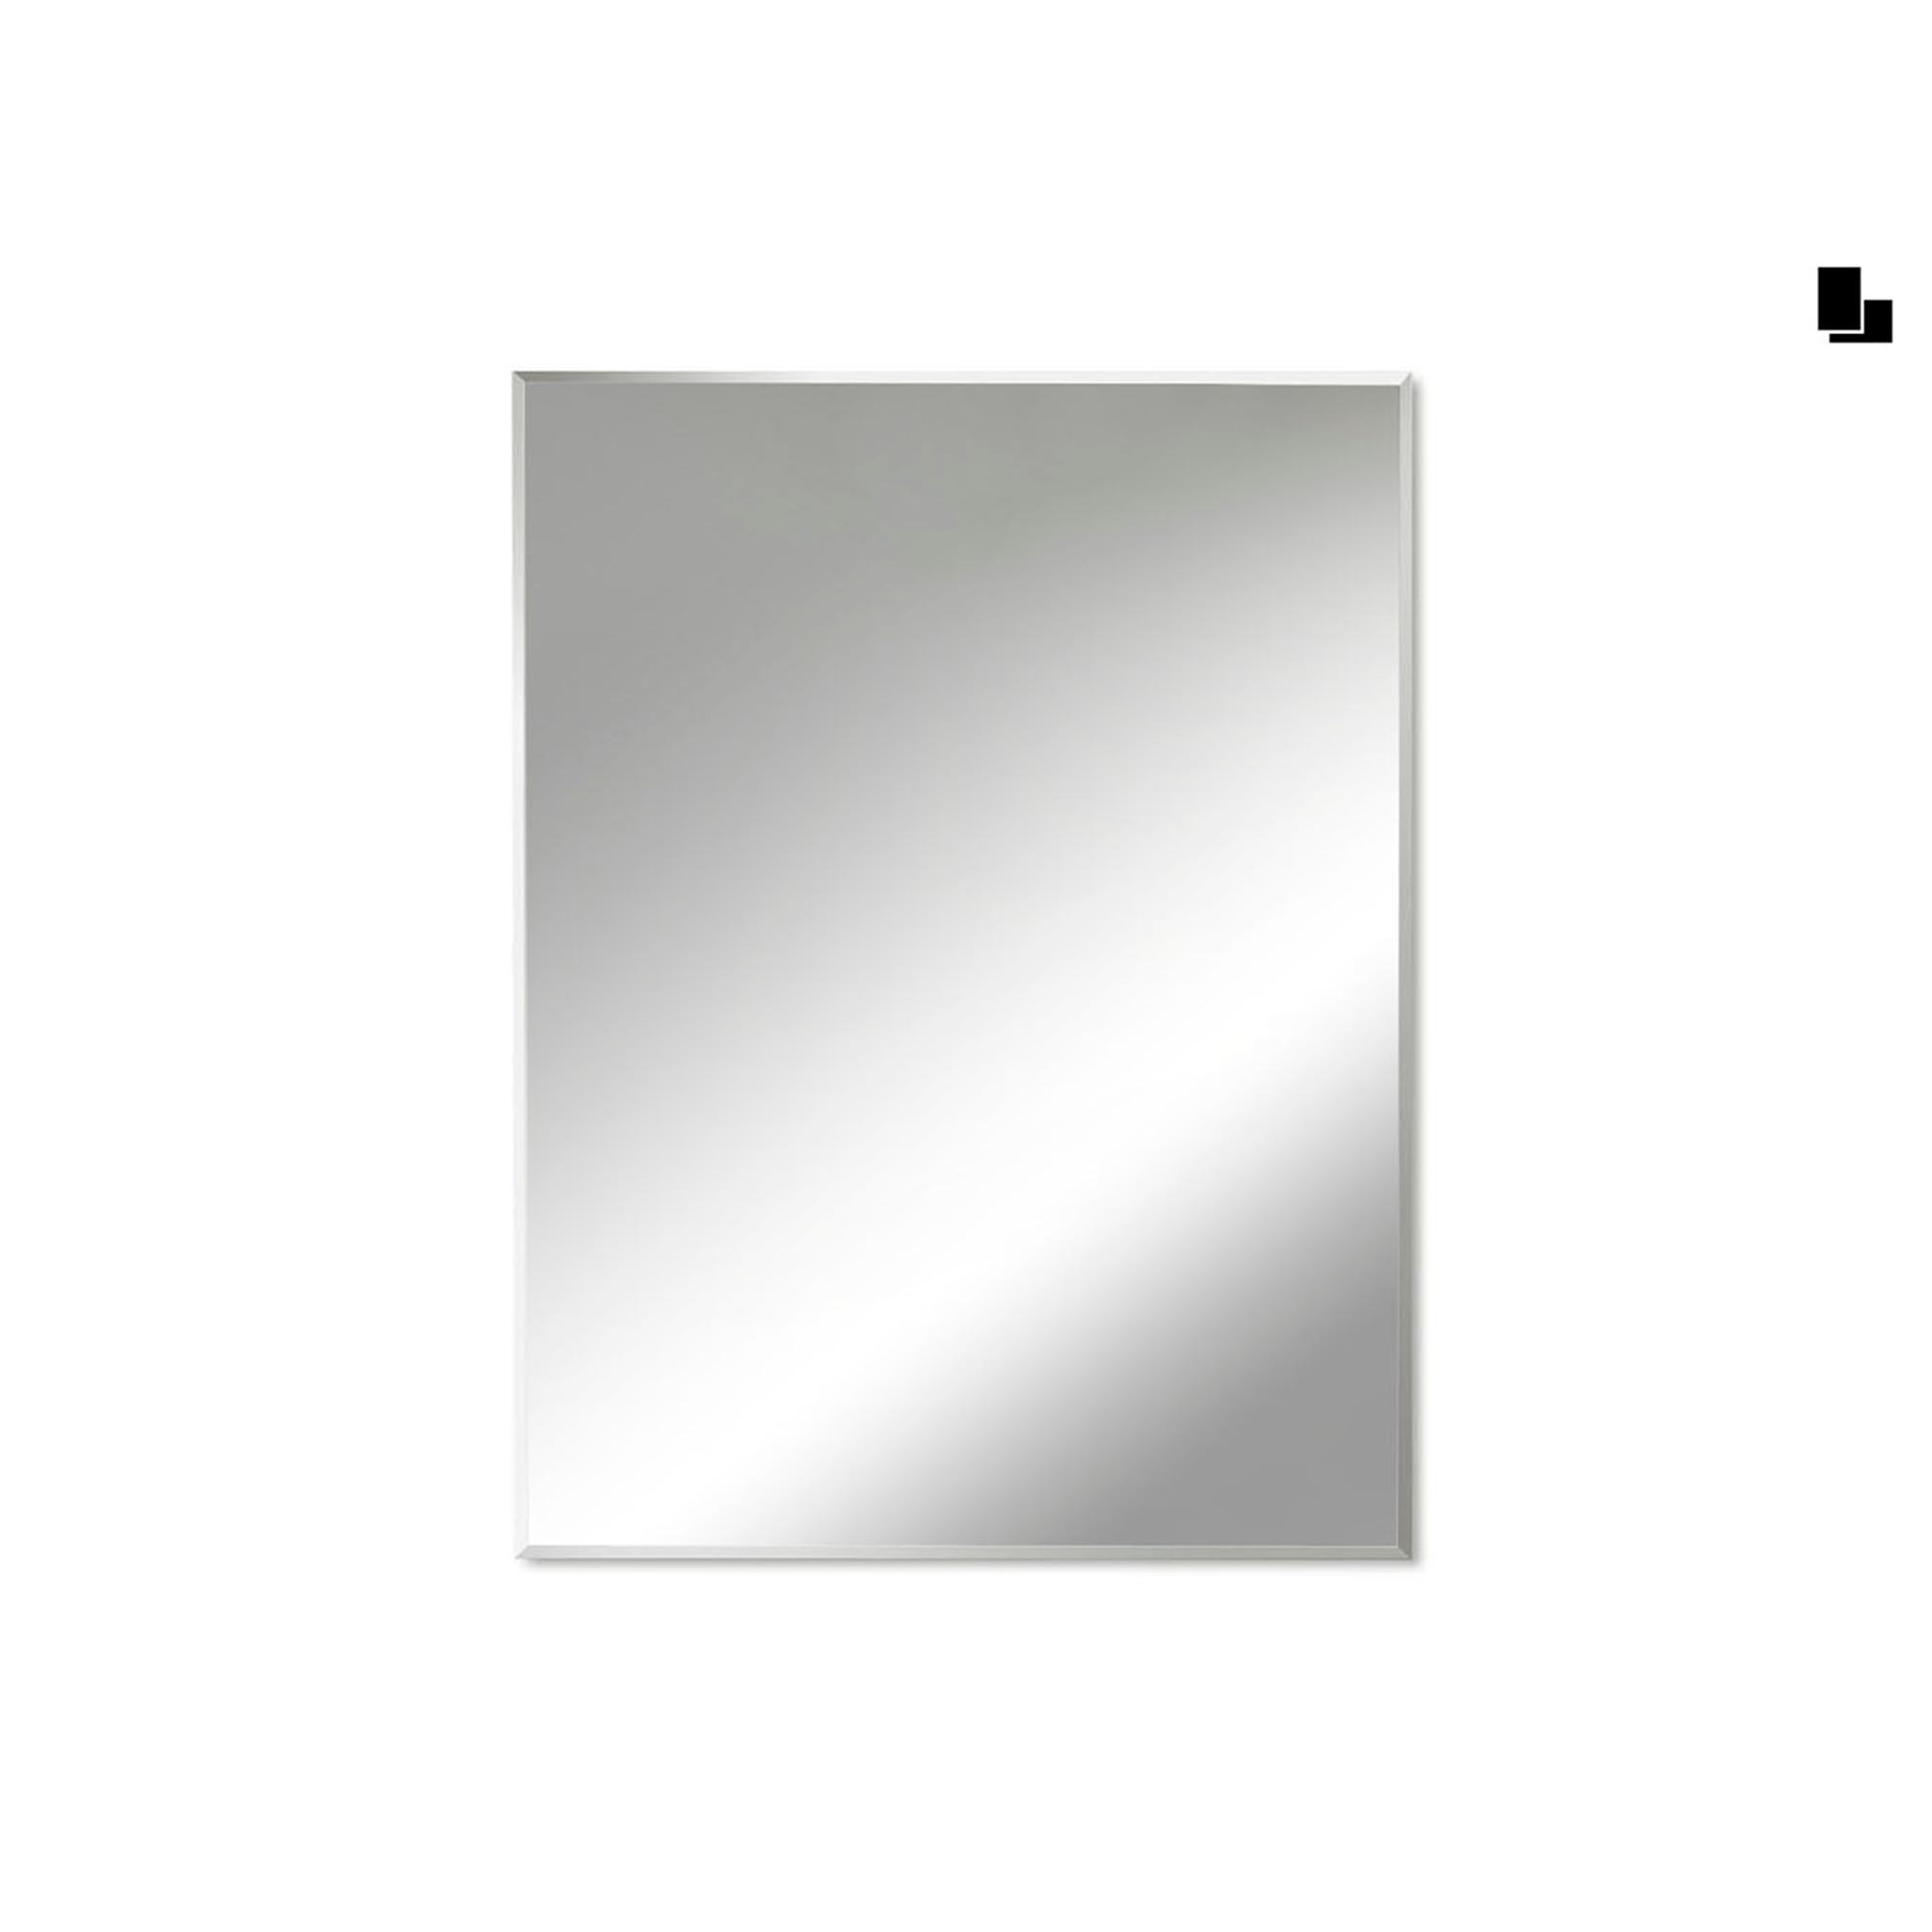 Specchio rettangolare bisellato 60x80x5 cm spessore - Specchio verticale ...